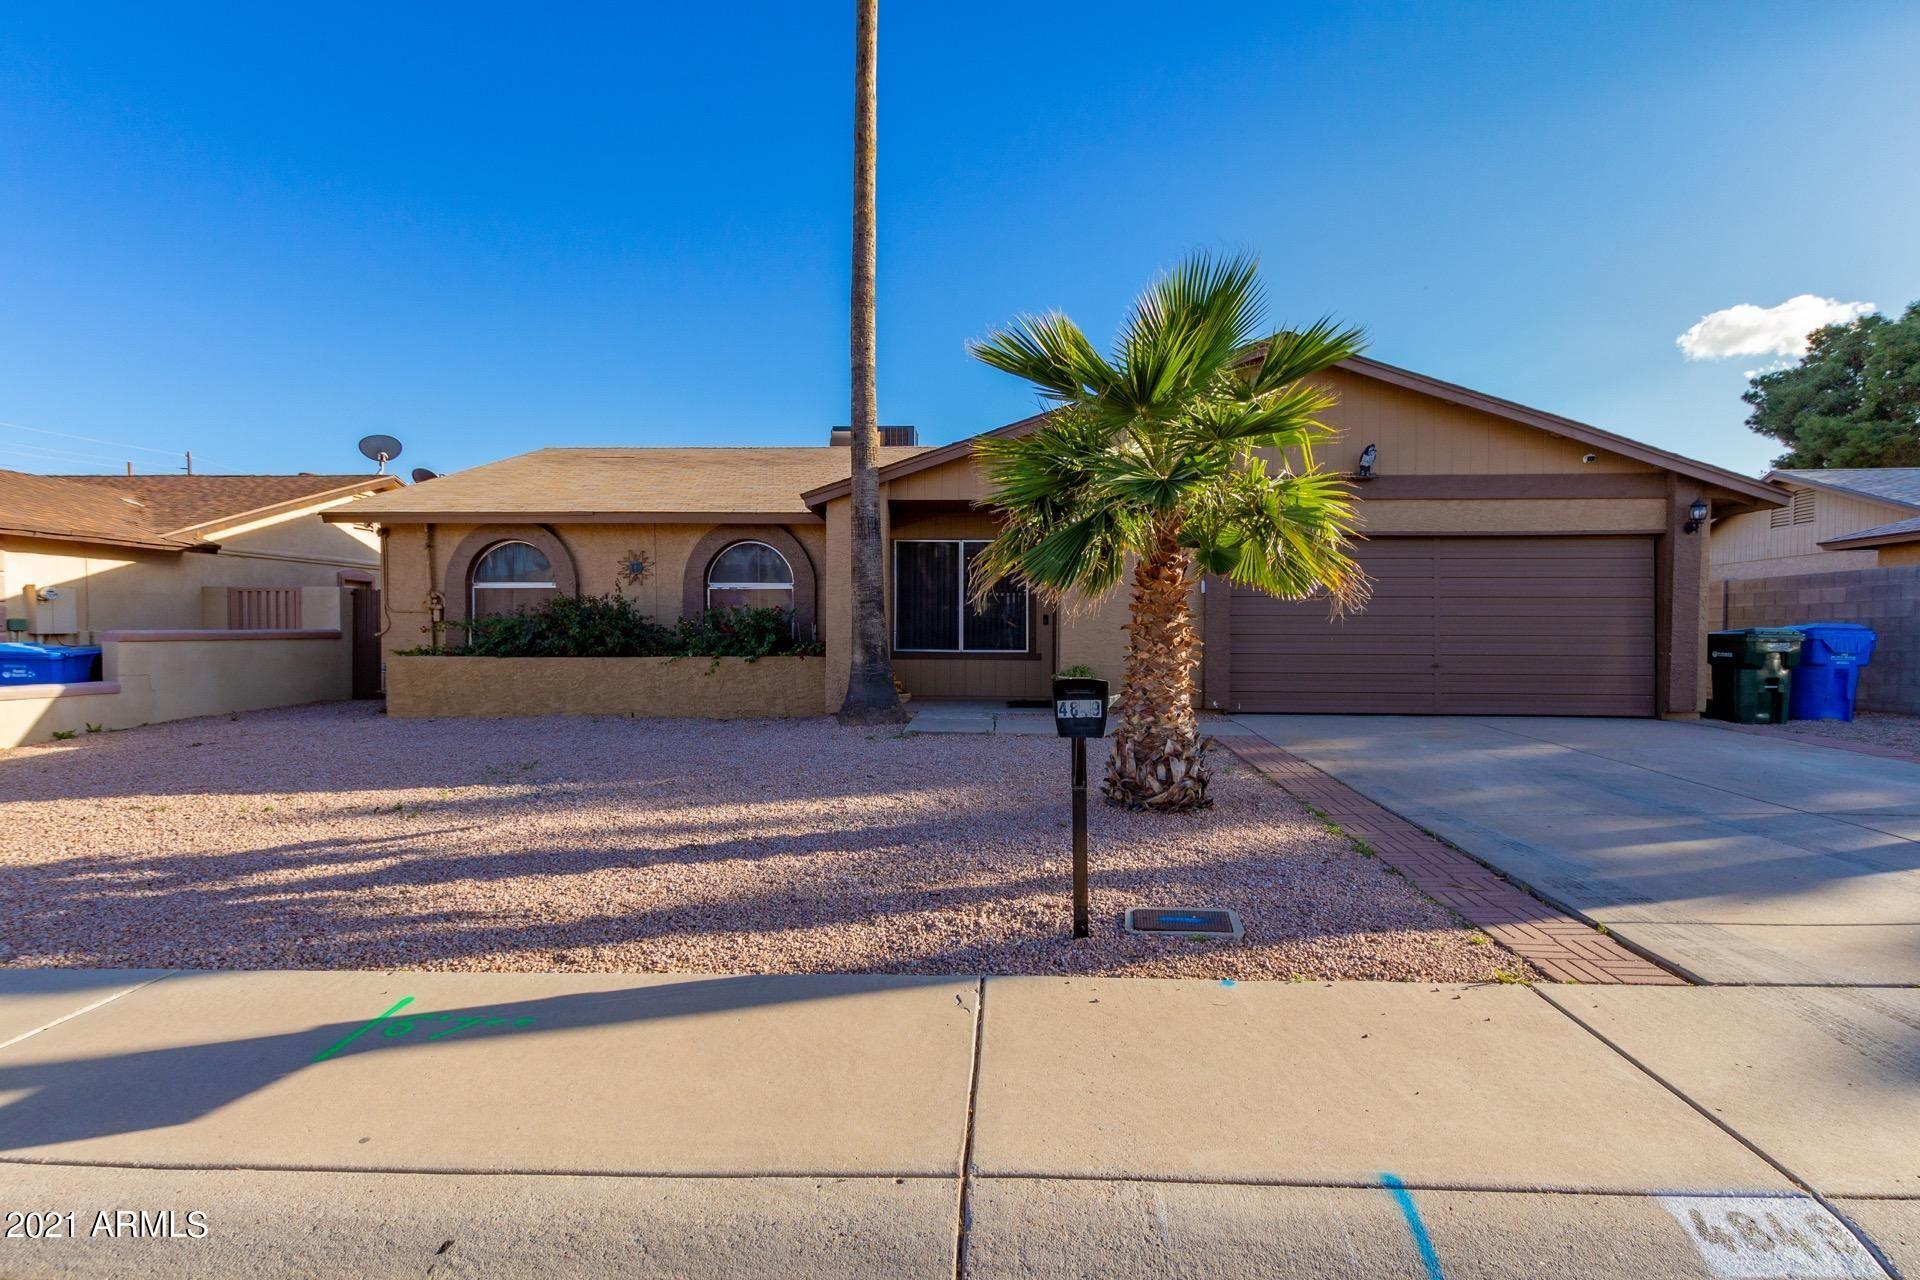 4849 E DESERT VIEW Drive, Phoenix, AZ 85044 - MLS#: 6270264